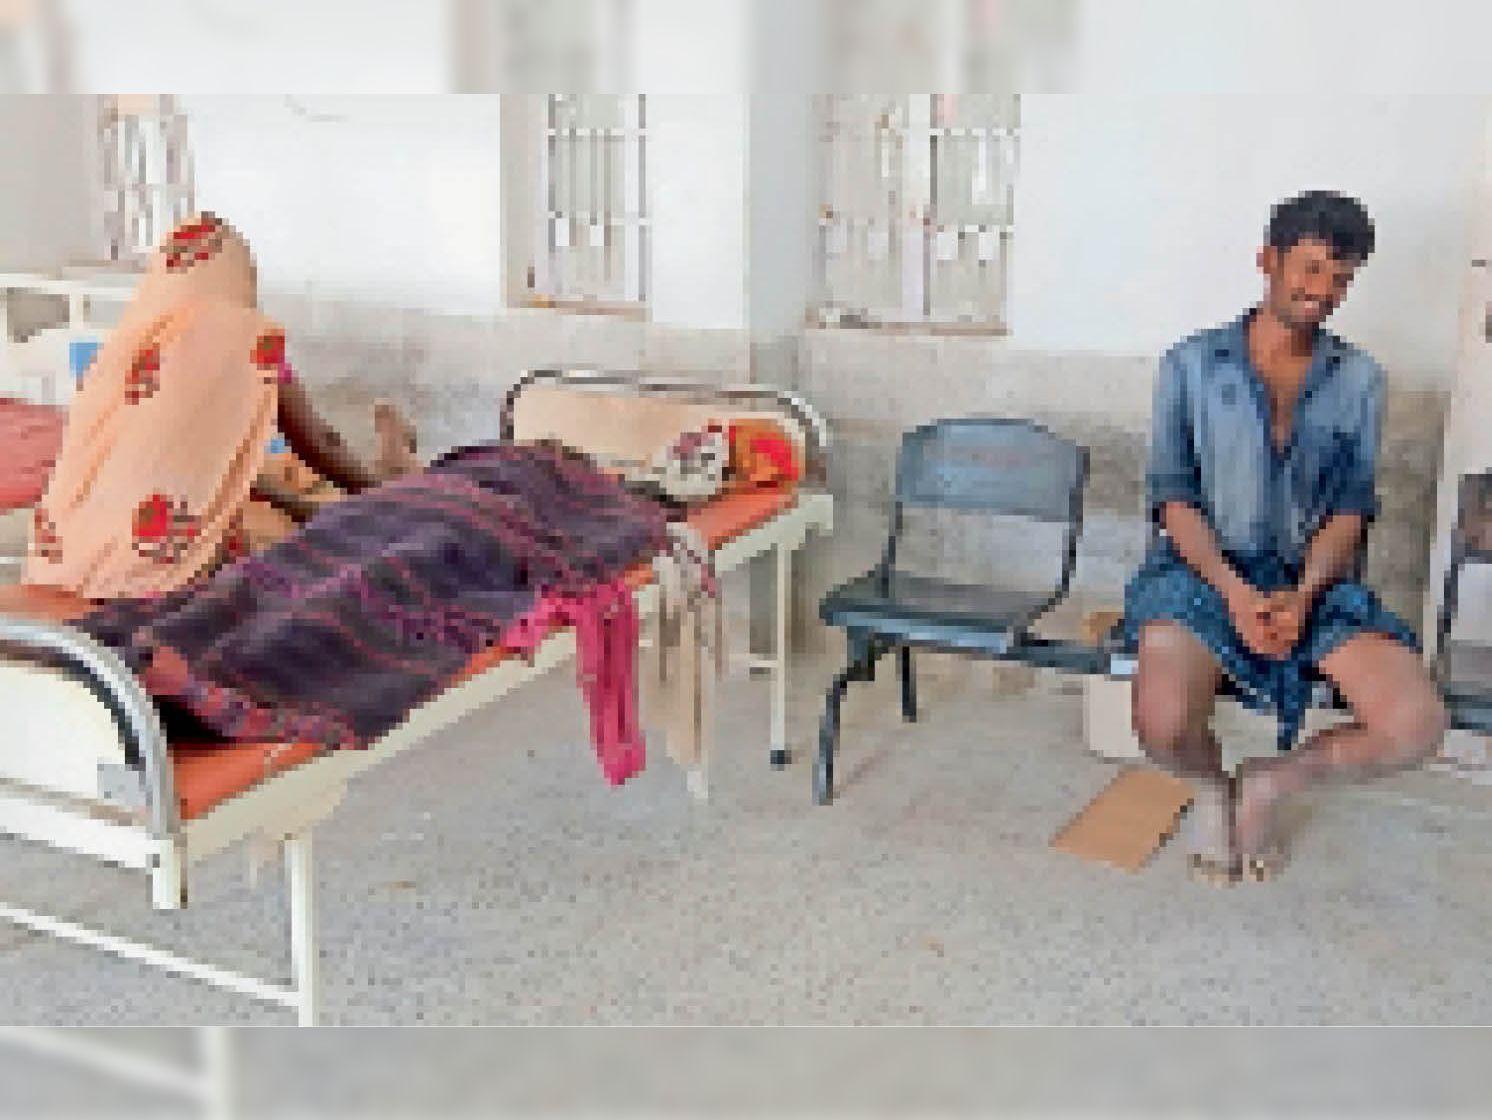 महिला की मौत के बाद अस्पताल में रोते परिजन। - Dainik Bhaskar